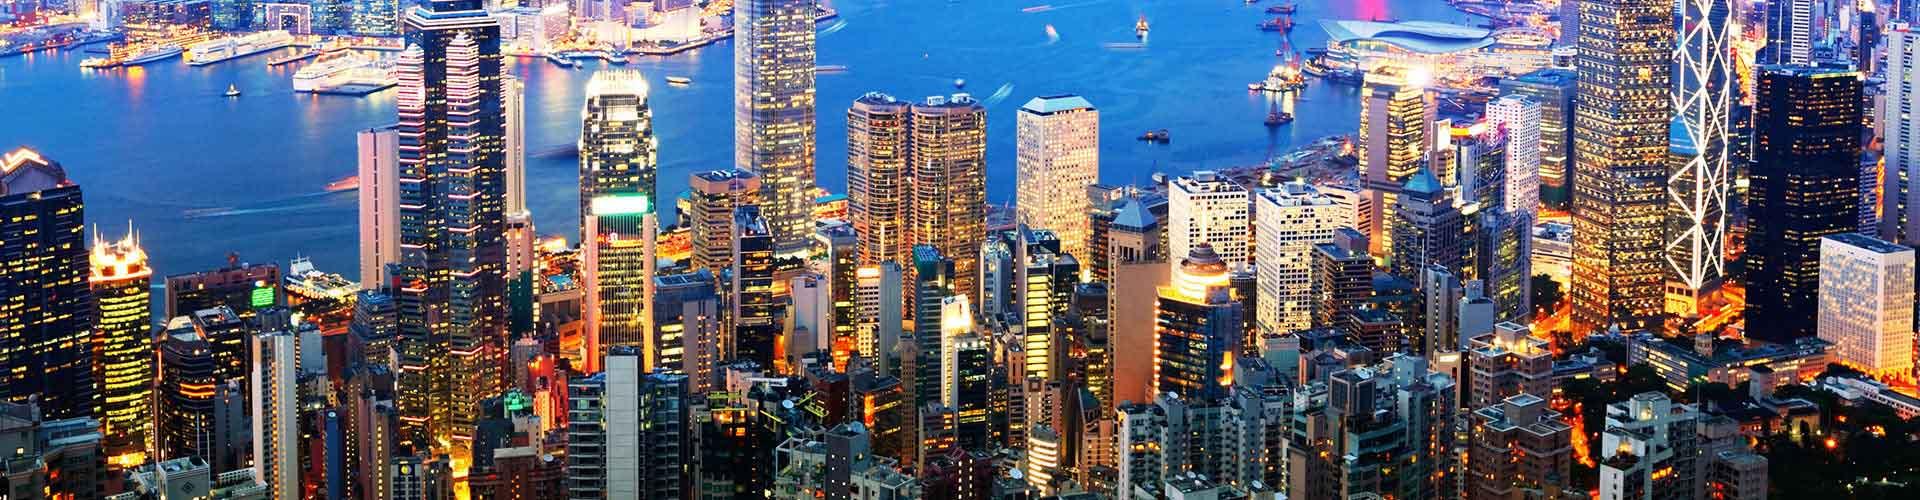 홍콩 - 홍콩에 있는 호스텔. 홍콩의 지도, 홍콩에 위치한 호스텔 사진 및 후기 정보.